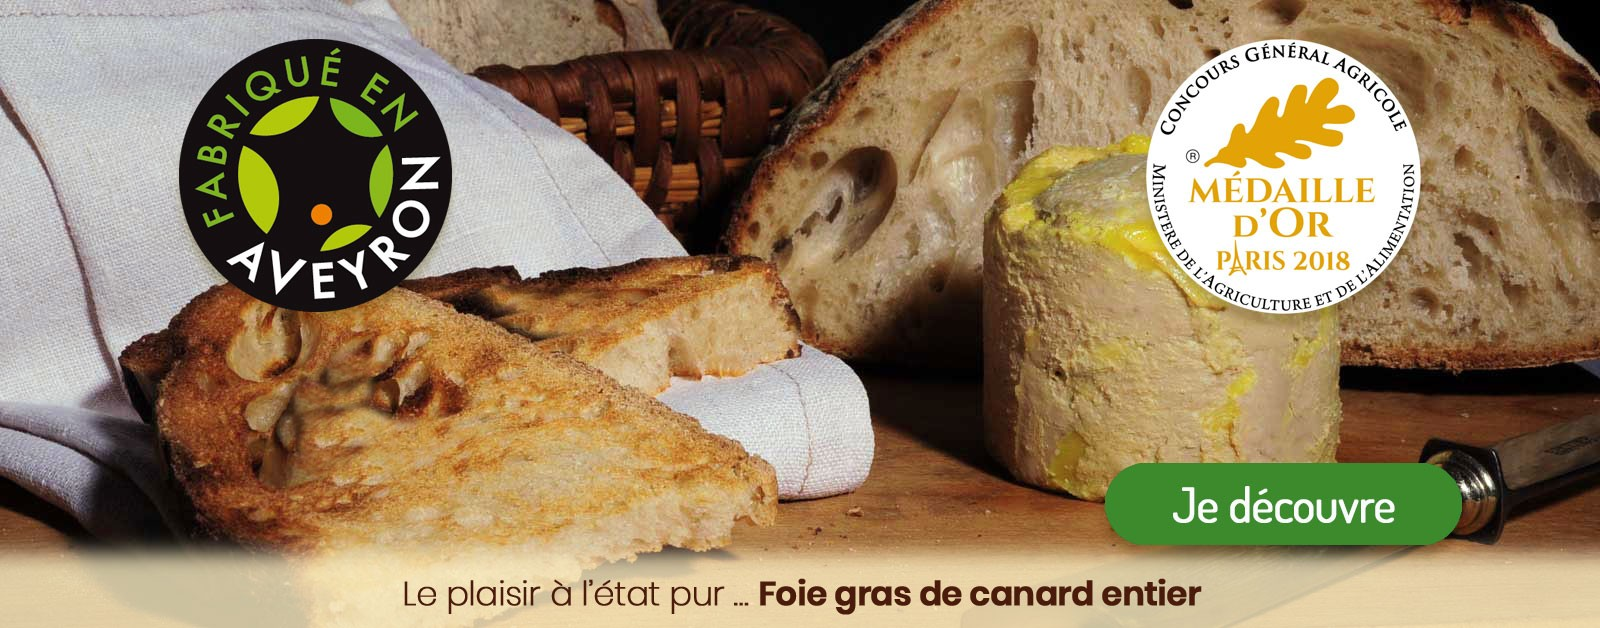 Foie gras de canard entier : le plaisir à l'état pur